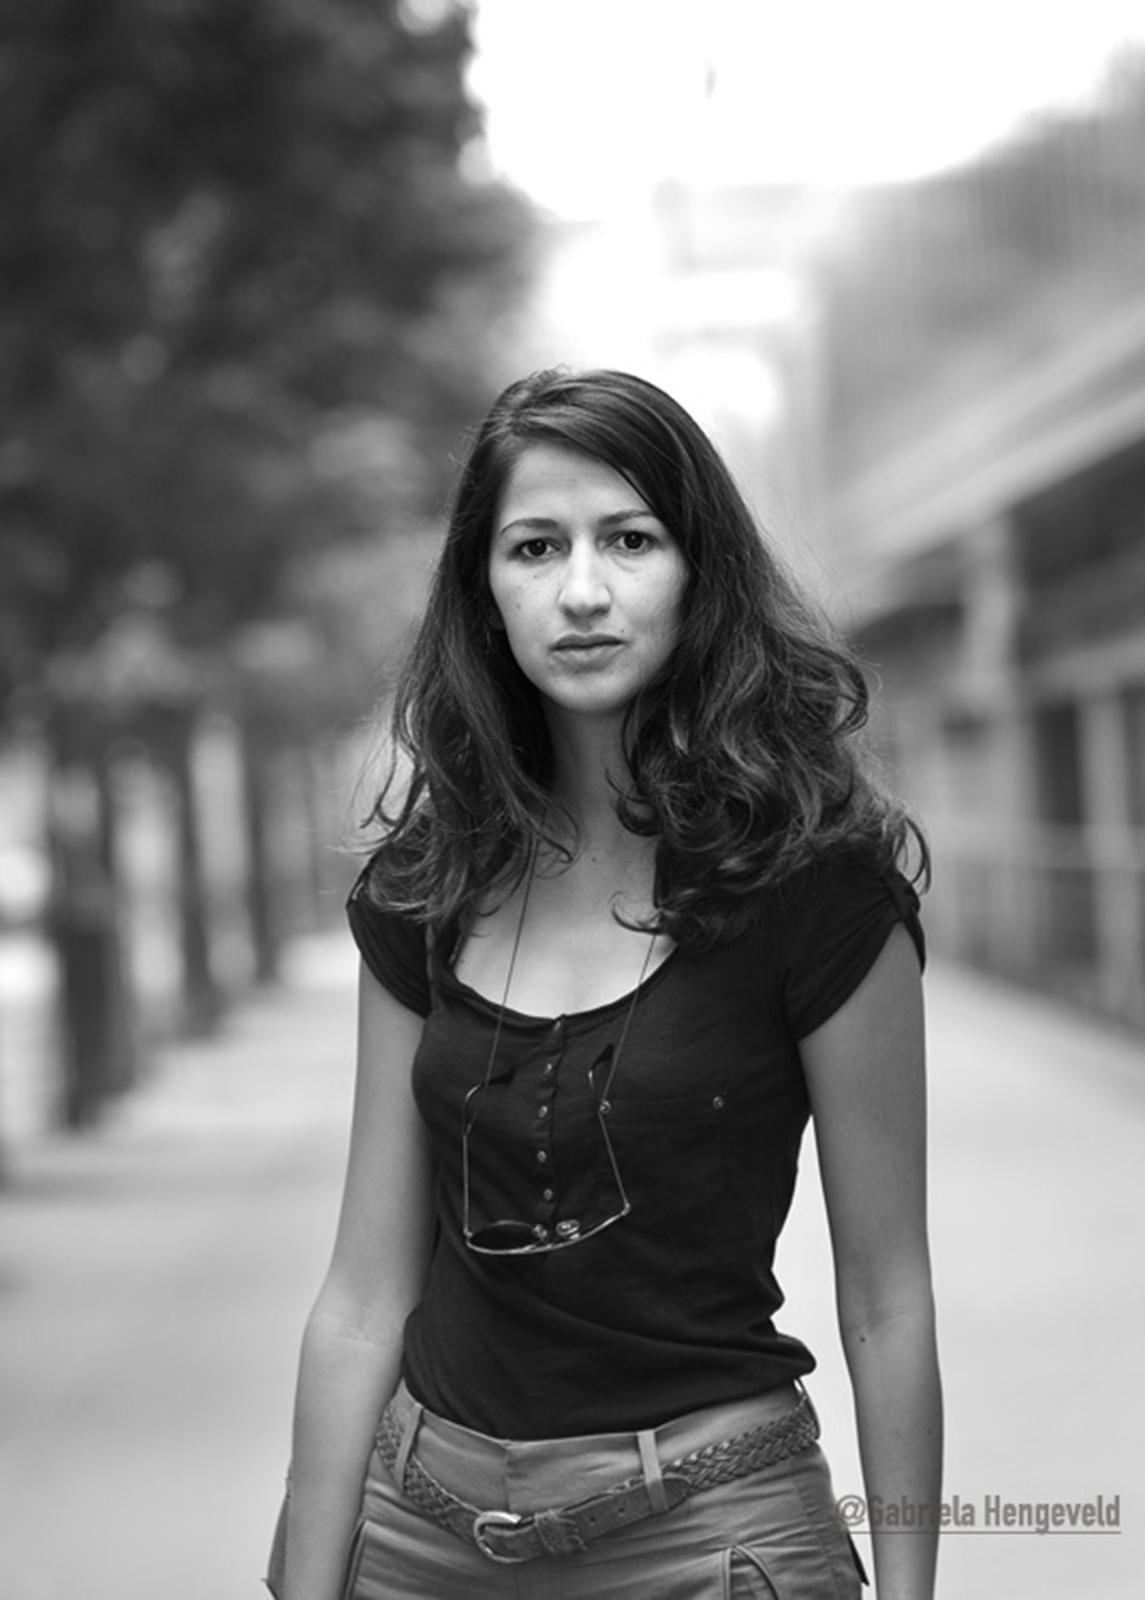 OVERLEVDE: Journalist Zineb El Rhazoui overlevde terroristangrepet mot Charlie Hebdo. I denne artikkelen skriver hun om sine venner og kollegaer i avisen.  FOTO: GABRIELA HENGEVELD